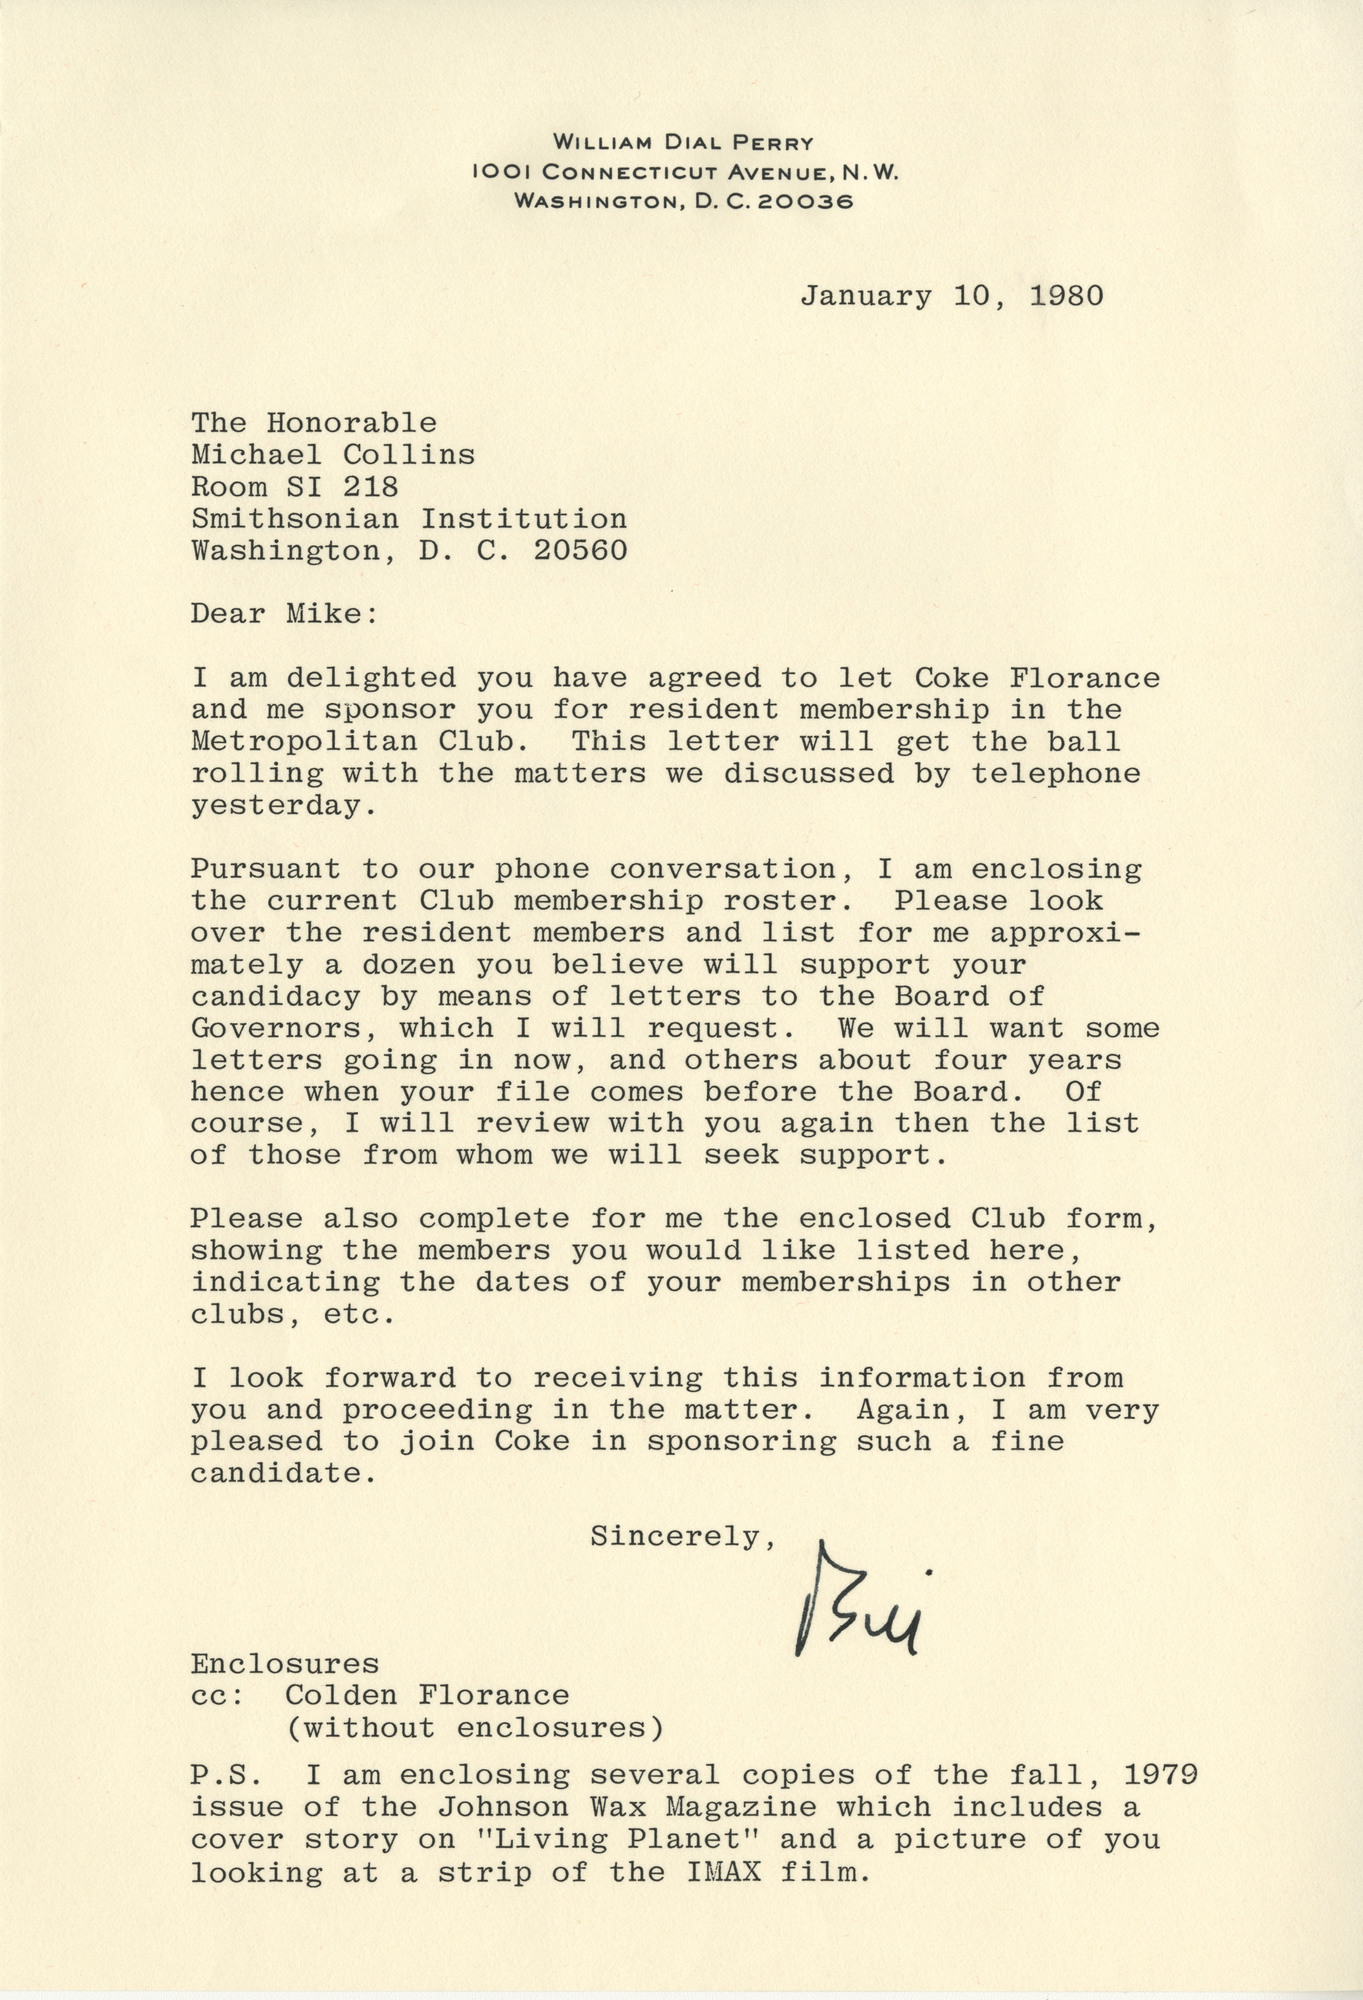 http://spec.lib.vt.edu/pickup/Omeka_upload/Ms1989-029_B19_F8_Letter_1980_0110.jpg